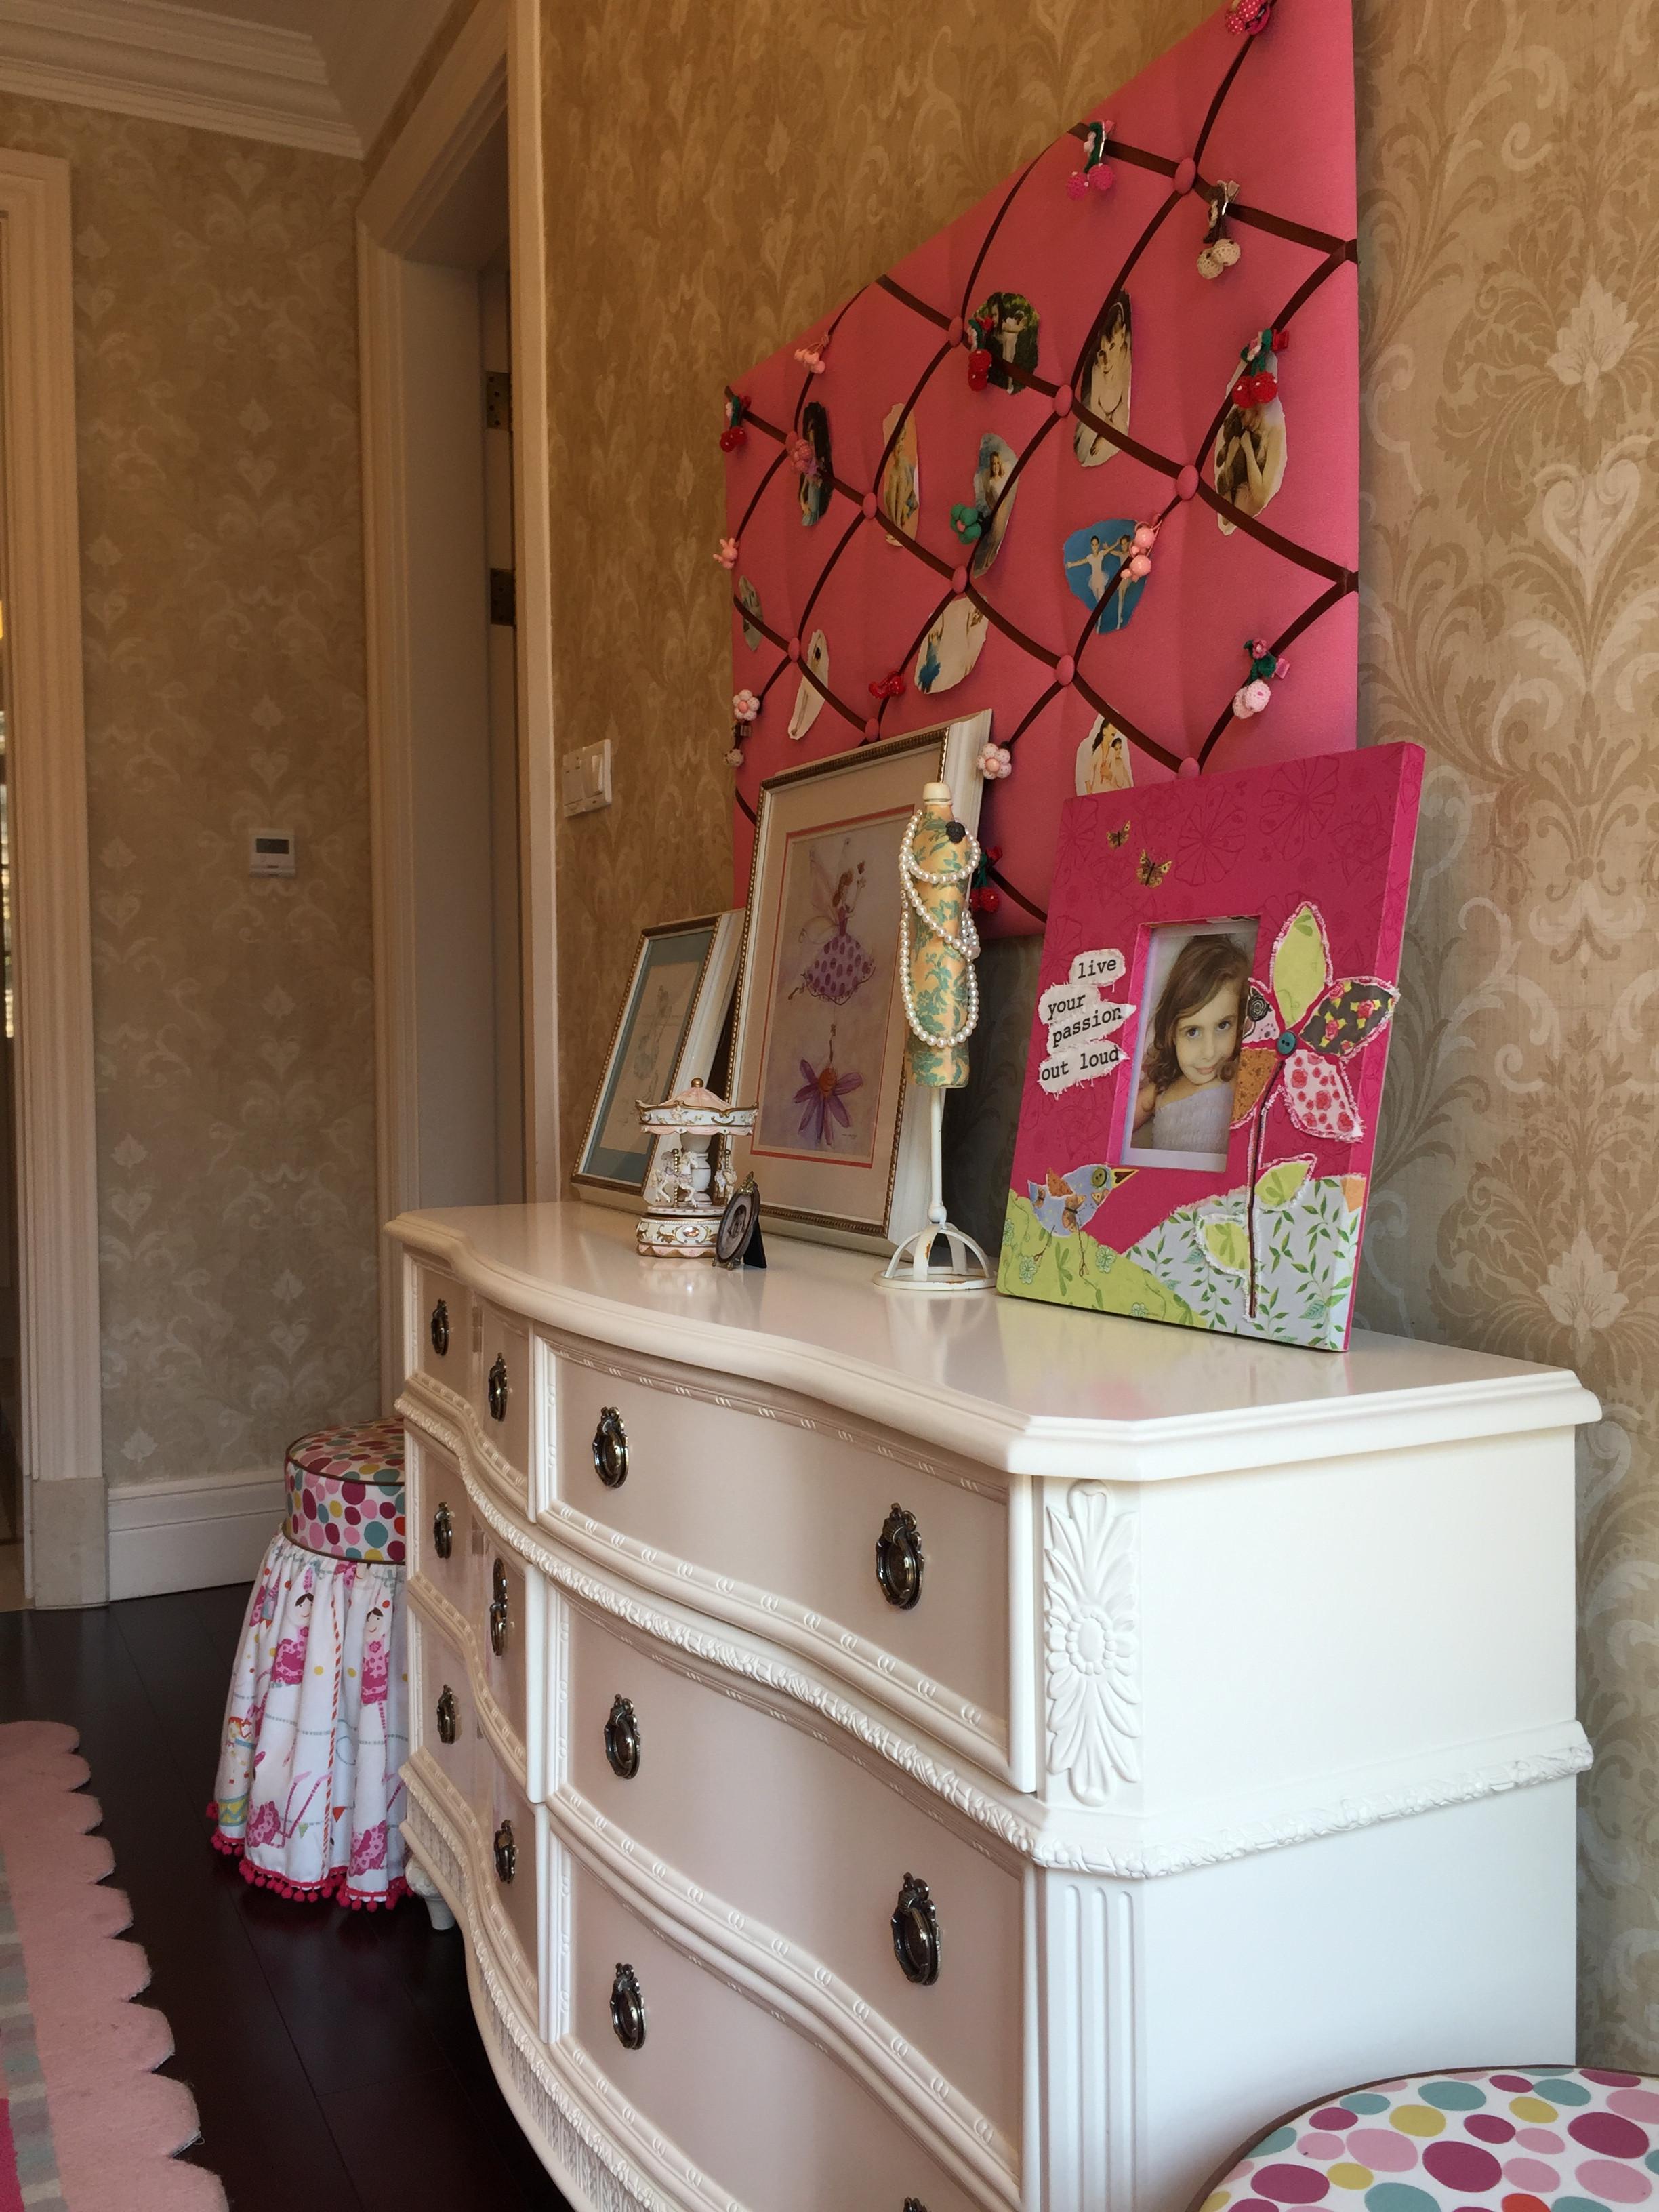 风情美式别墅设计斗柜饰品摆件